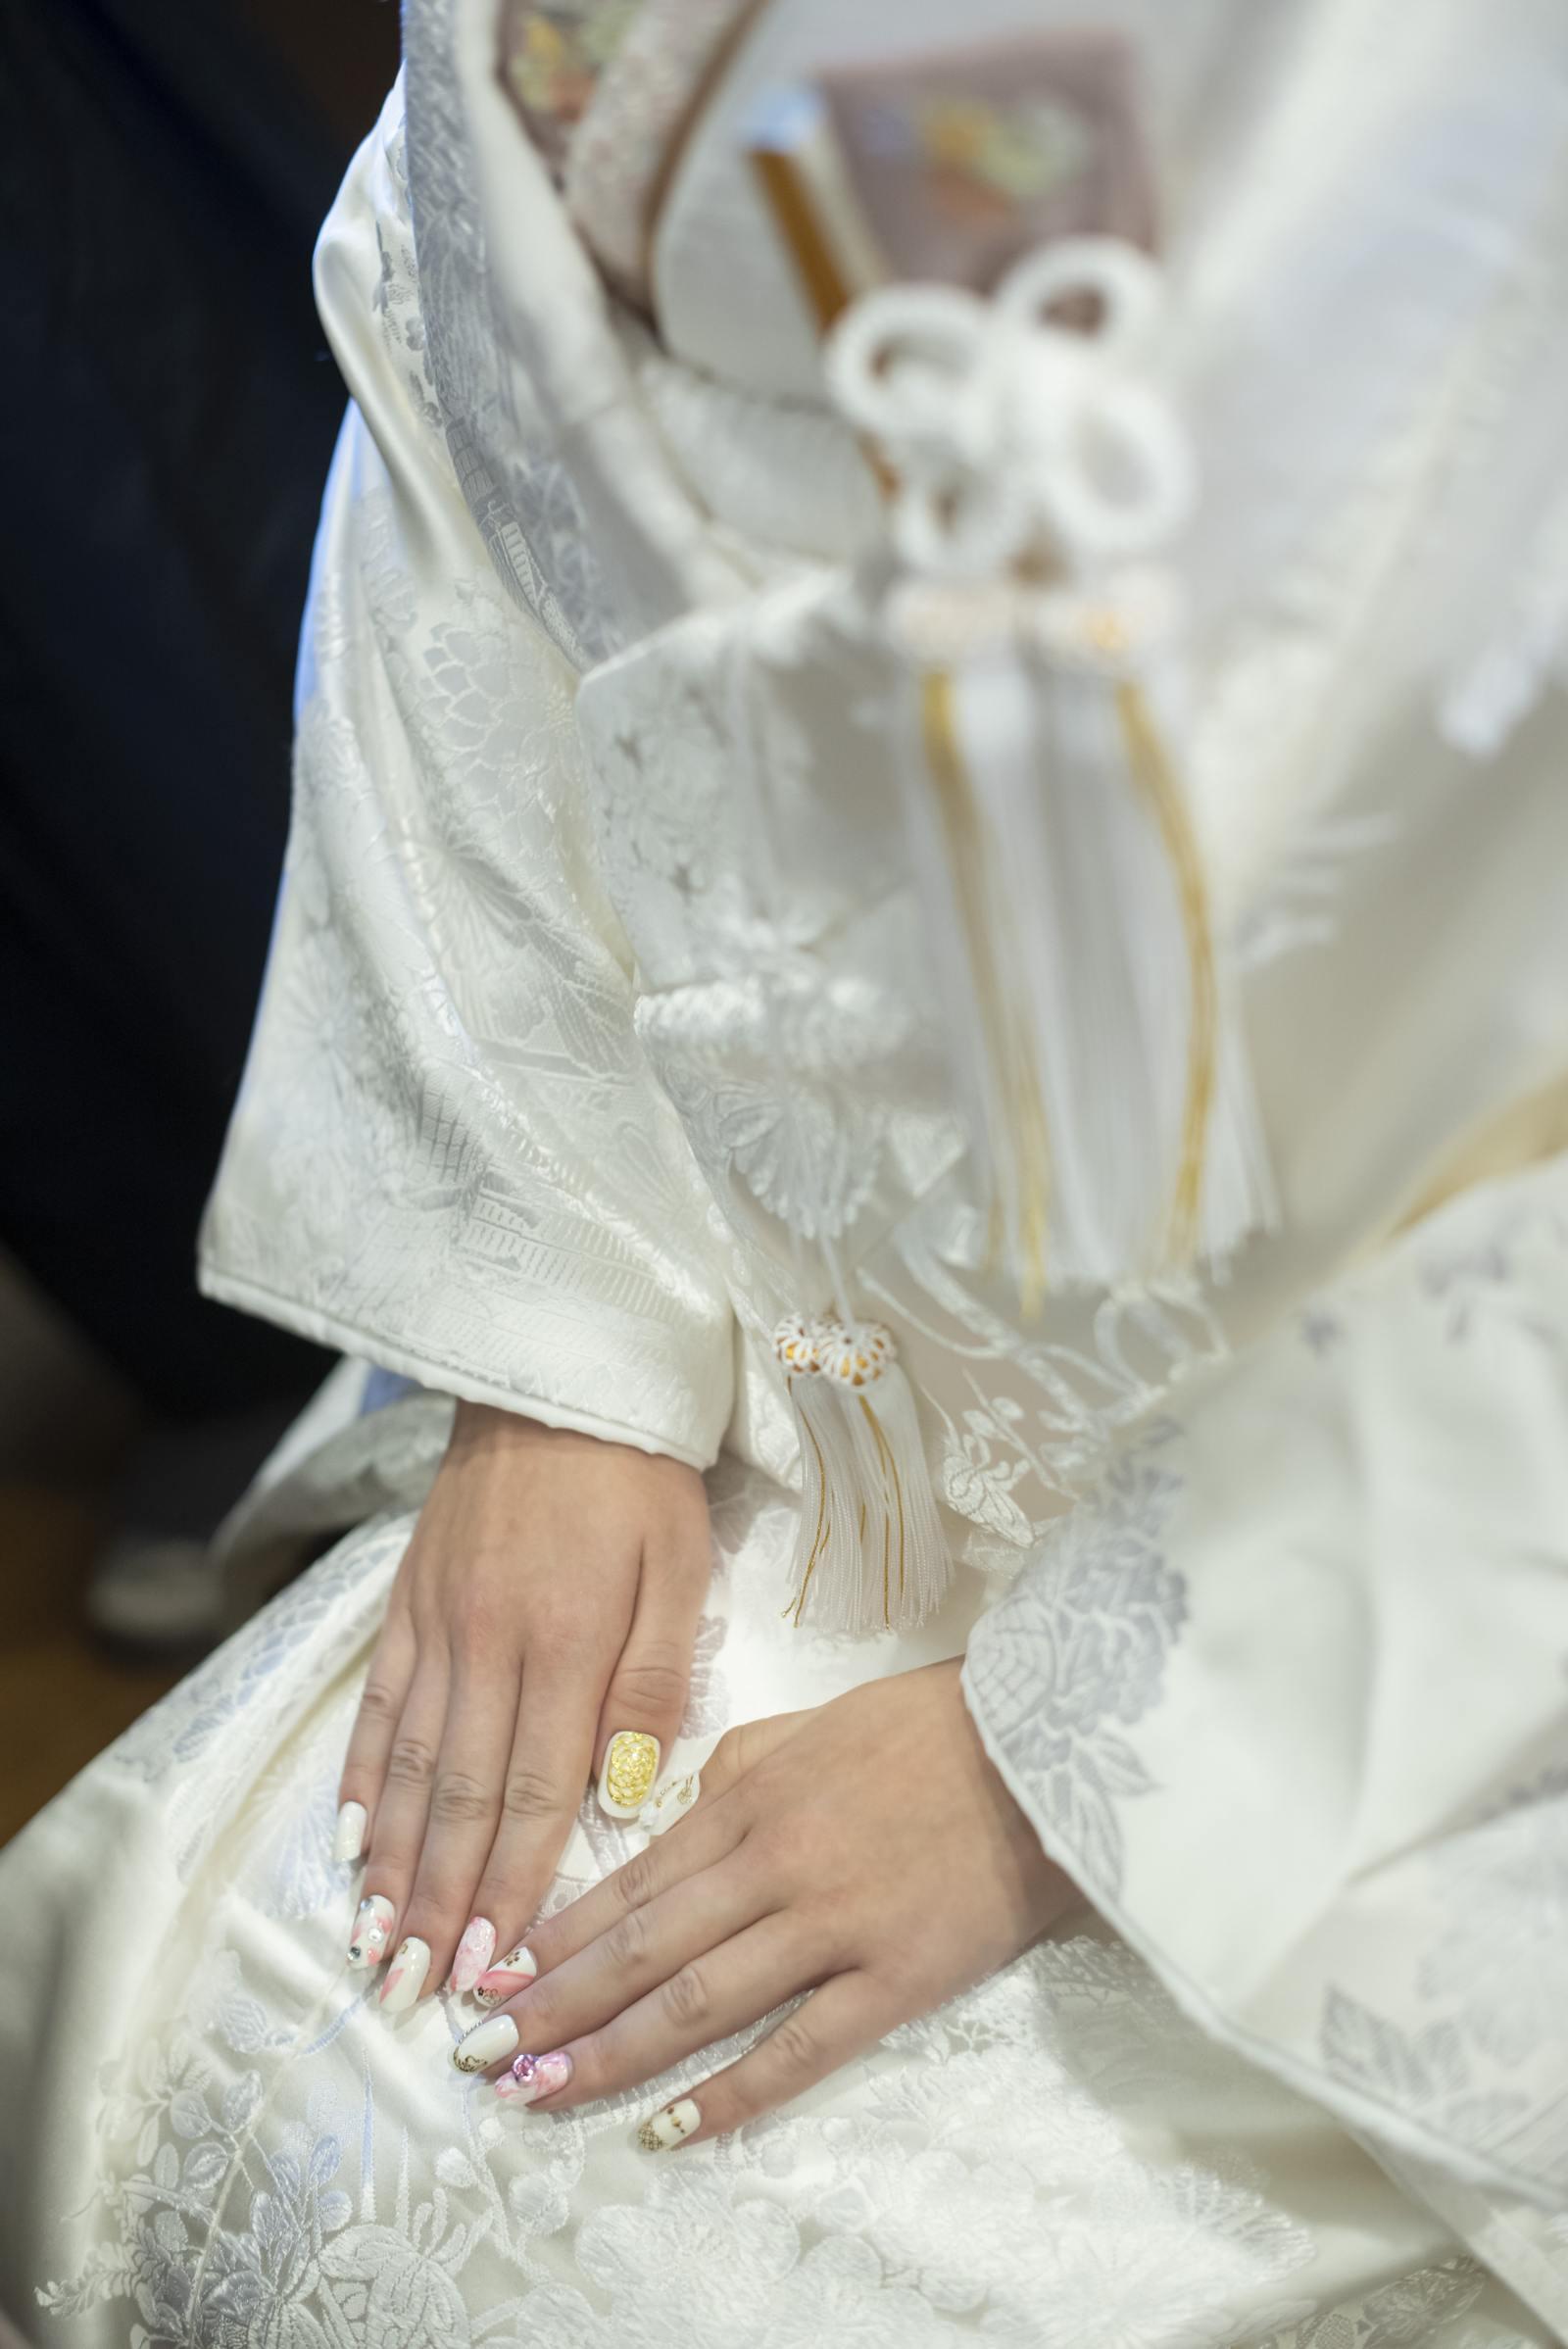 徳島市の結婚式場ブランアンジュで父が手作りしたネイルチップを身につけた新婦